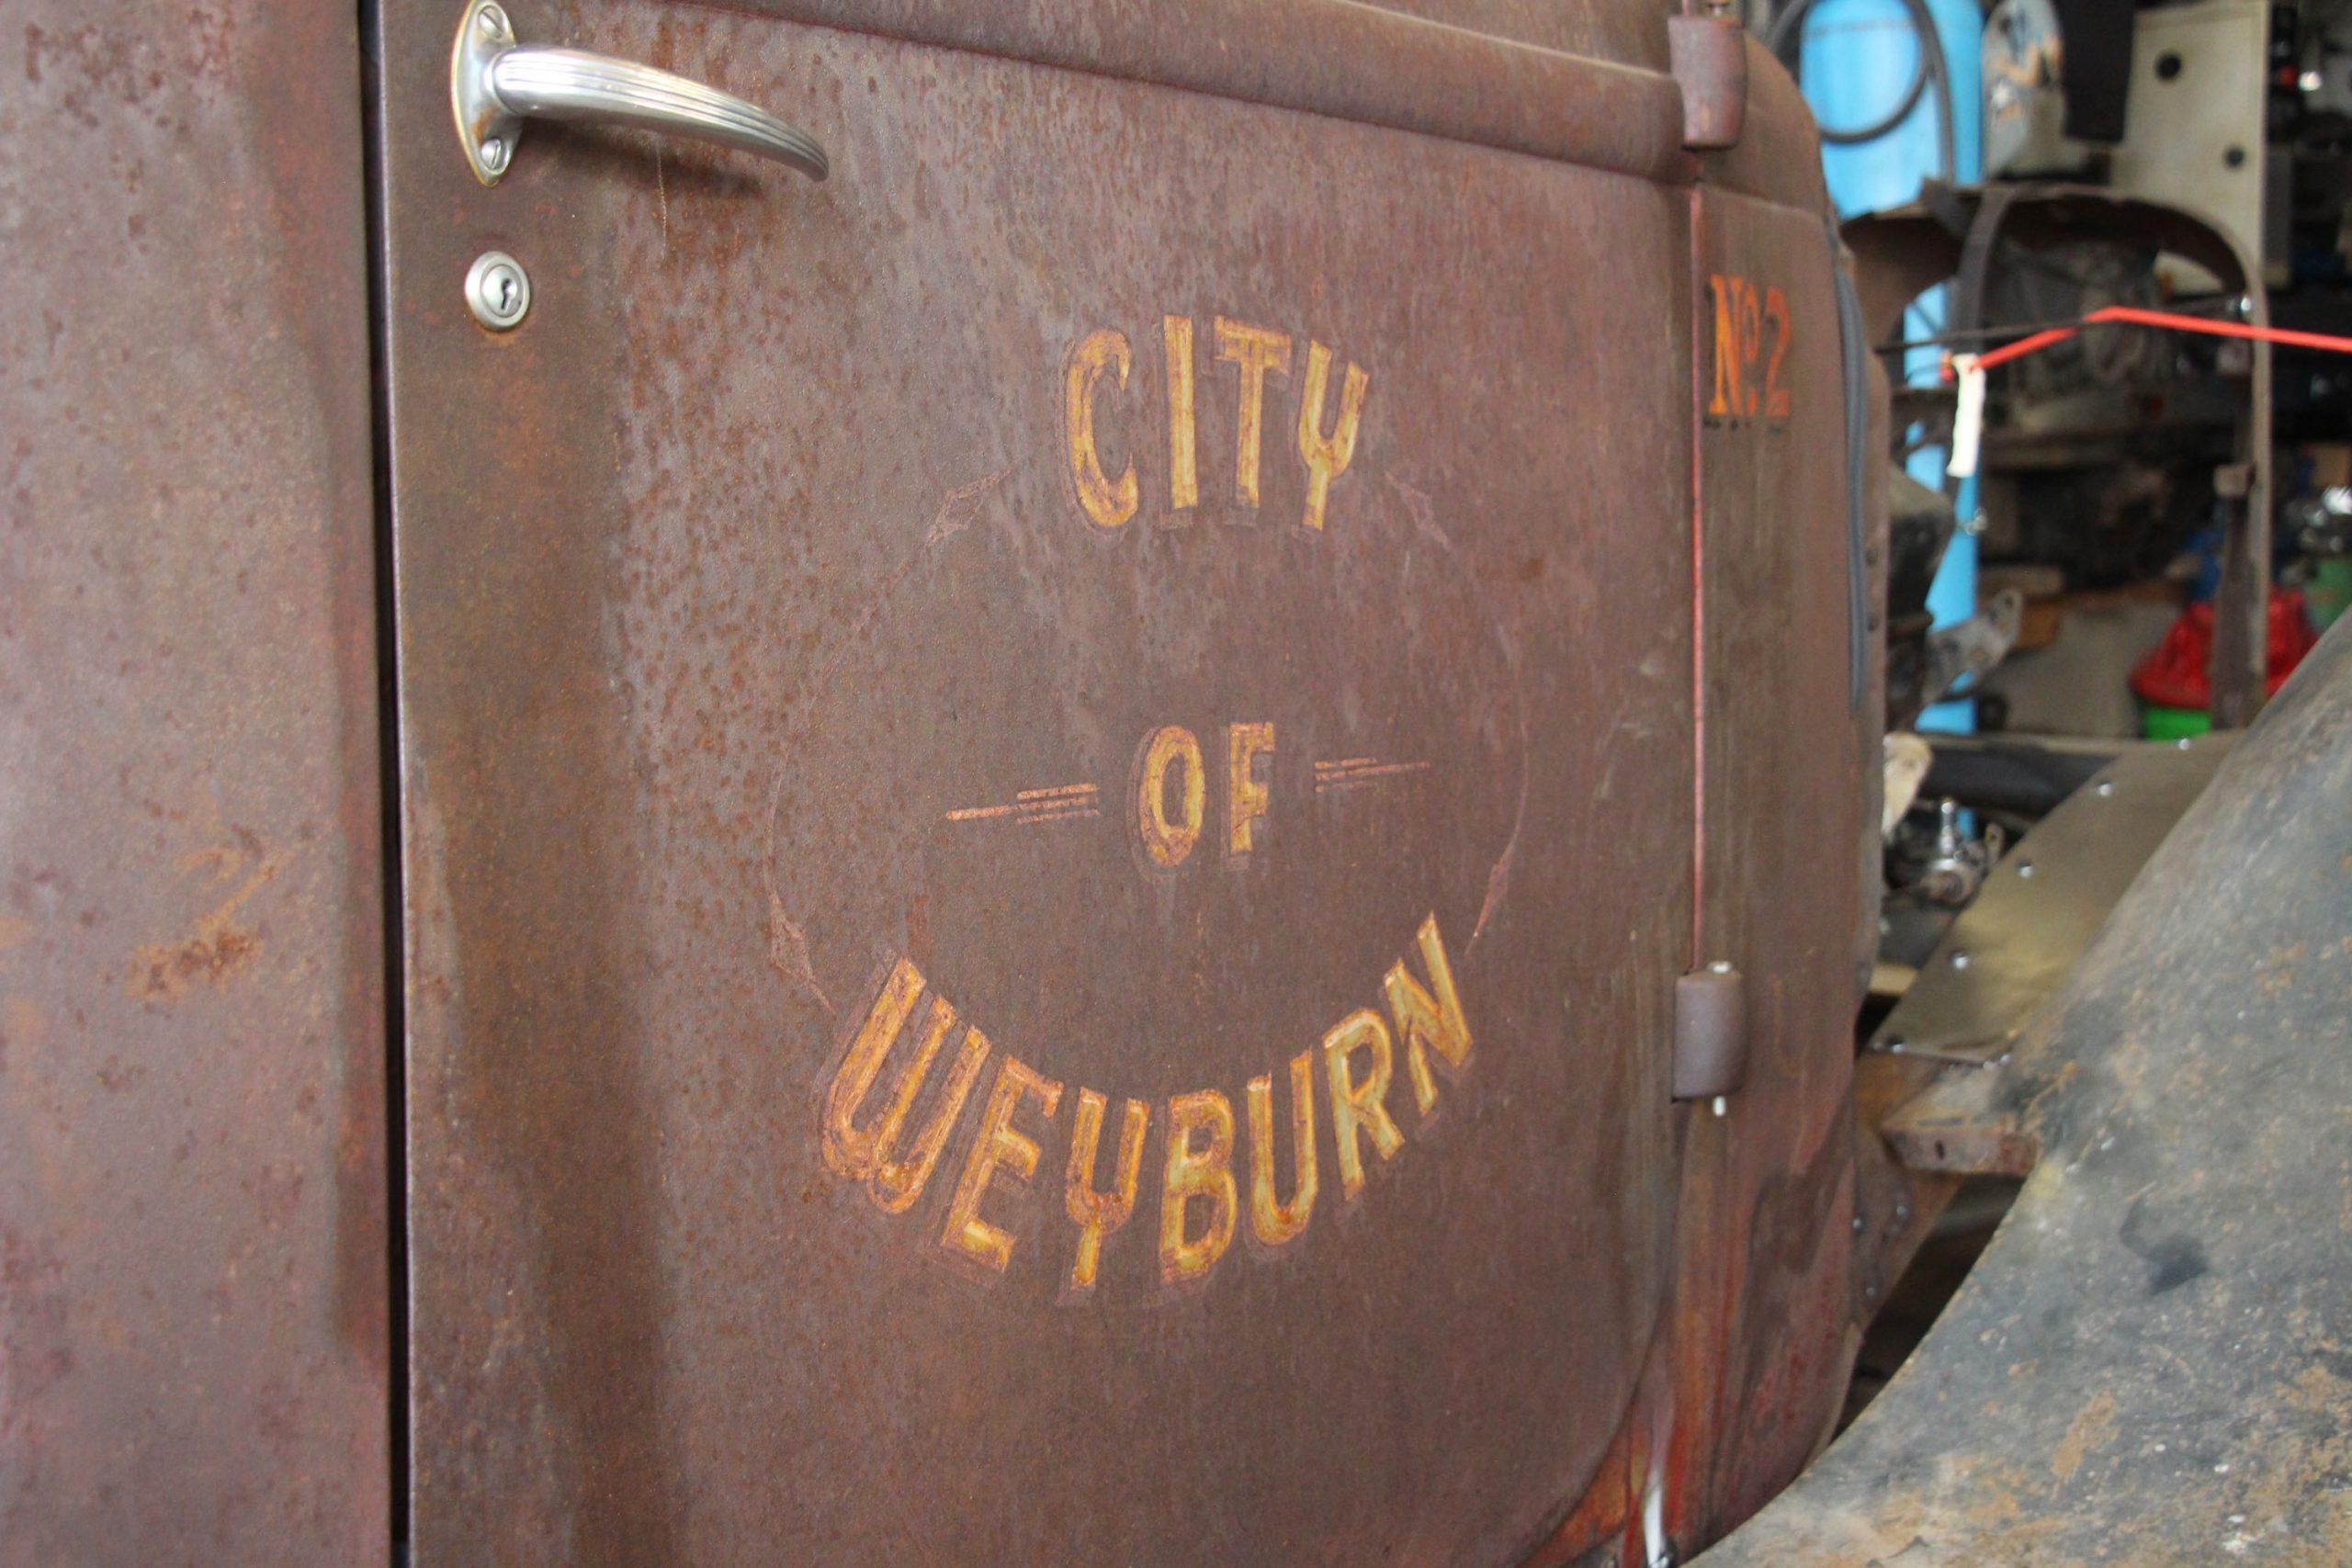 Mike Westwood city of weyburn The Hamilton Hauler